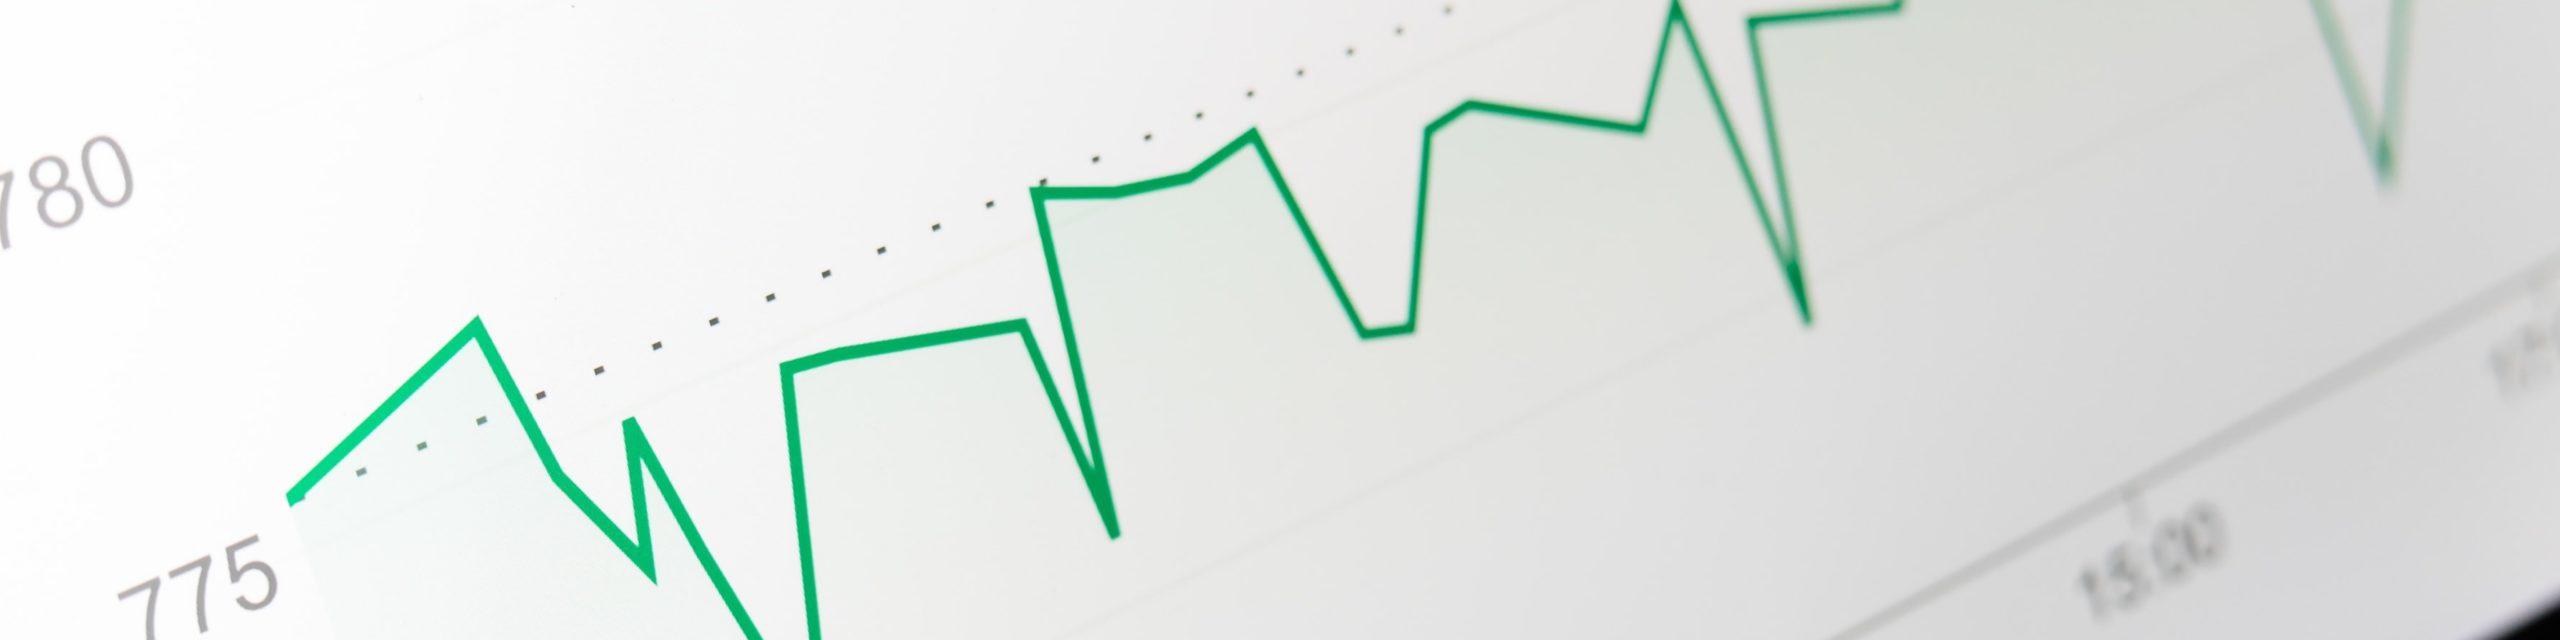 Ecran d'ordinateur affichant des courbes boursières